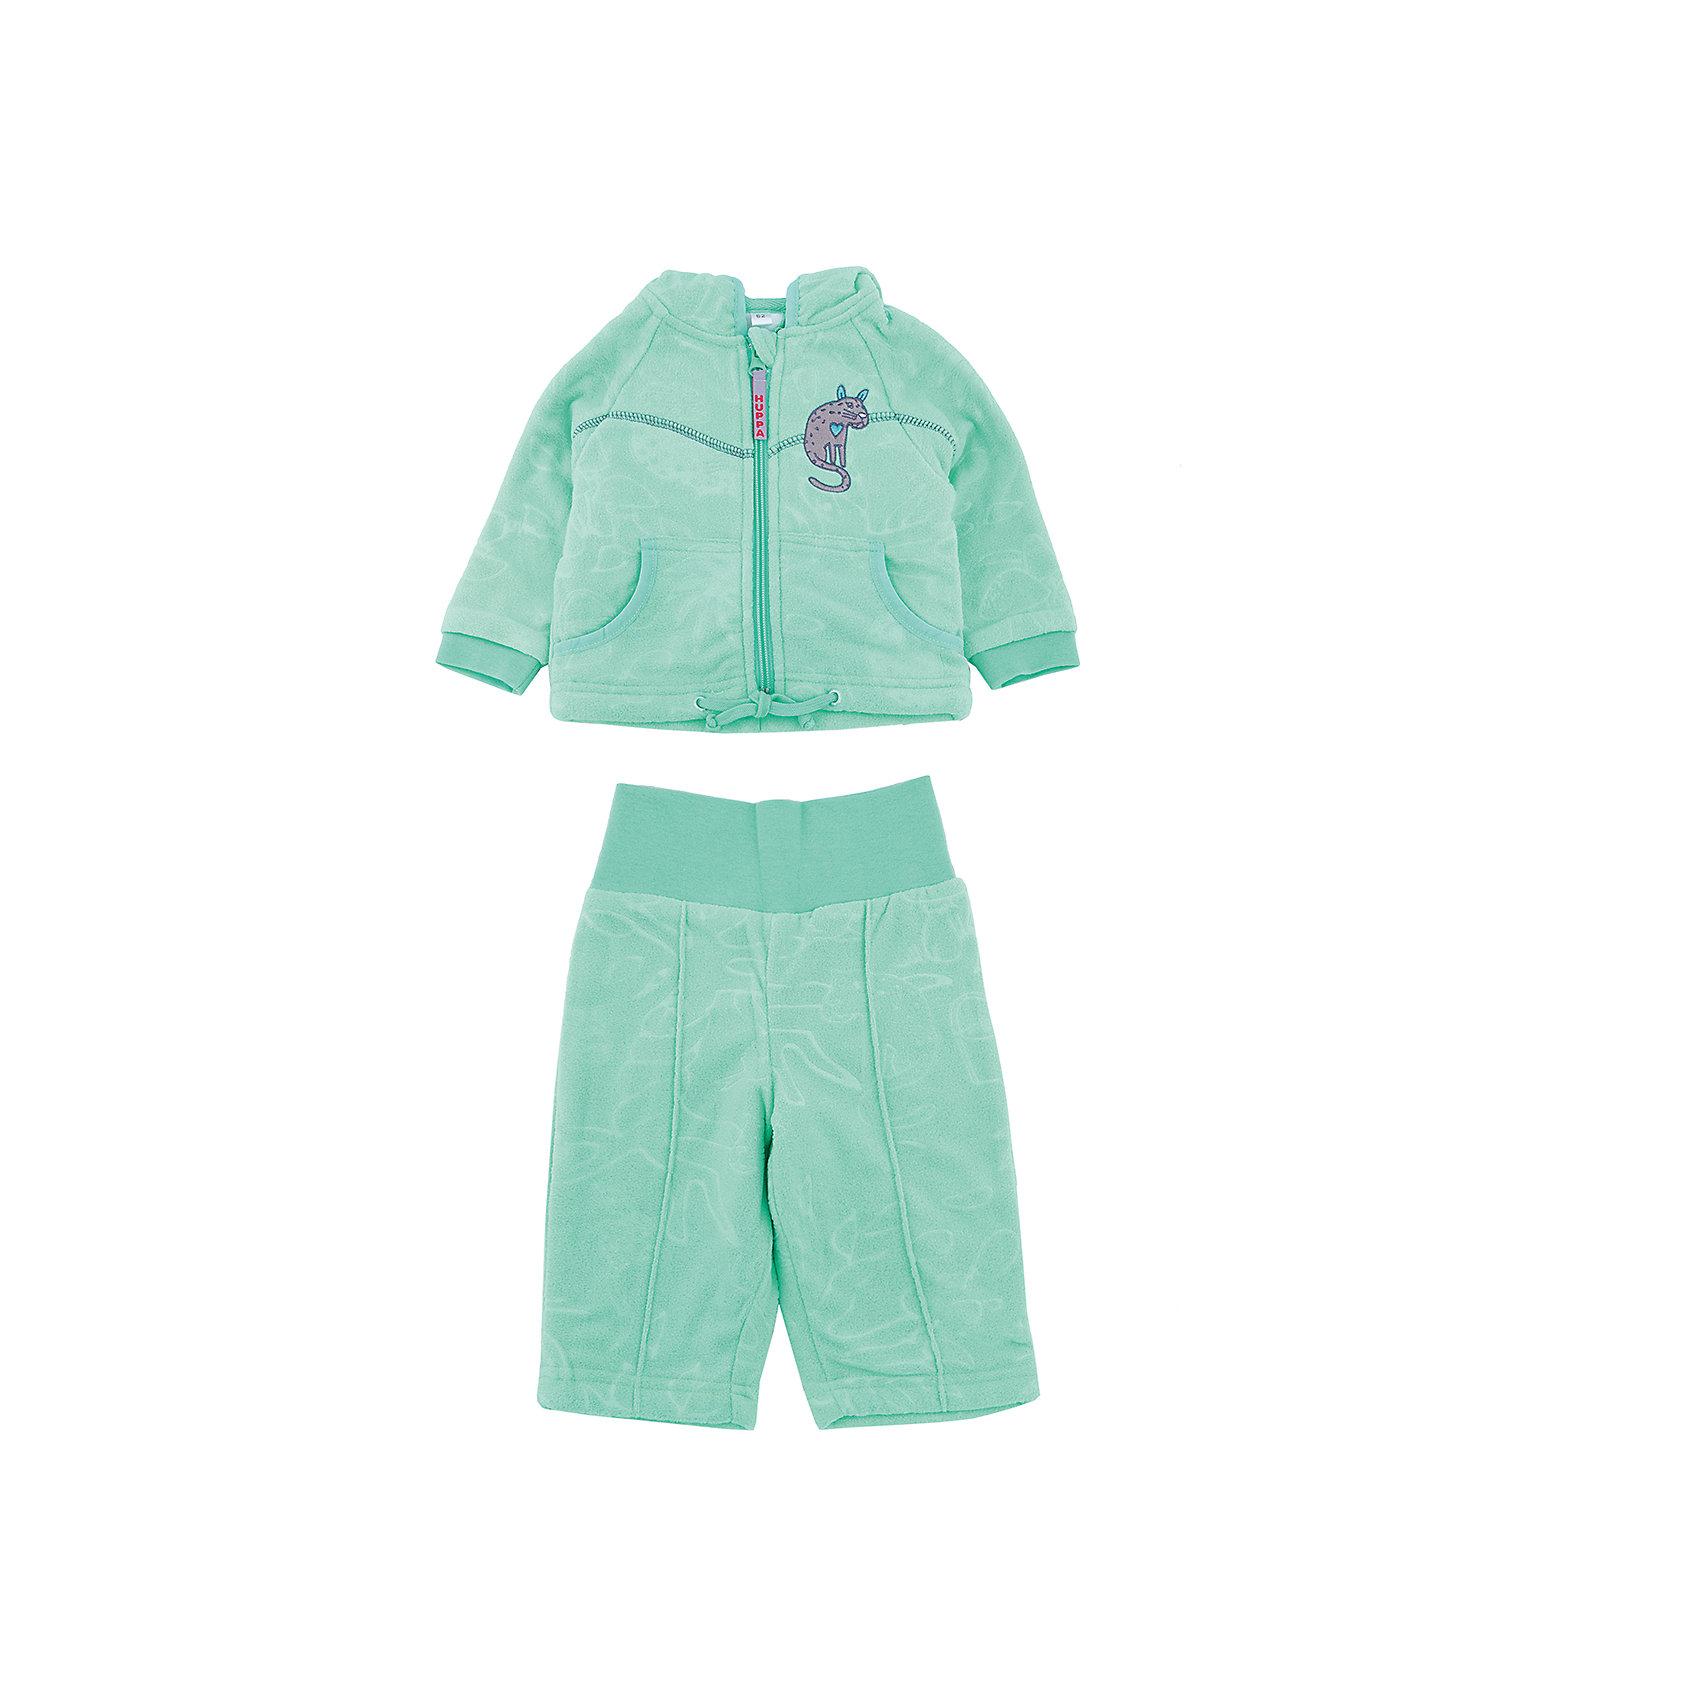 Комплект флисовый JACOBI HuppaФлис и термобелье<br>Характеристики товара:<br><br>• цвет: зелёный<br>• состав: 100% полиэстер (флис), подкладка - 100% хлопок<br>• комплектация: курточка, брюки<br>• застежка: молния<br>• капюшон<br>• мягкие манжеты на куртке<br>• декорирована вышивкой<br>• комфортная посадка<br>• пояс брюк - мягкая резинка<br>• мягкий материал<br>• страна бренда: Эстония<br><br>Такой комплект обеспечит малышам тепло и комфорт. Он сделан из приятного на ощупь материала с мягким ворсом, поэтому изделия не колются и не натирают. Подкладка выполнена из дышащего и гипоаллергенного хлопка. Комплект очень симпатично смотрится, яркая расцветка и отделка добавляют ему оригинальности. Модель была разработана специально для малышей.<br><br>Одежда и обувь от популярного эстонского бренда Huppa - отличный вариант одеть ребенка можно и комфортно. Вещи, выпускаемые компанией, качественные, продуманные и очень удобные. Для производства изделий используются только безопасные для детей материалы. Продукция от Huppa порадует и детей, и их родителей!<br><br>Комплект флисовый JACOBI от бренда Huppa (Хуппа) можно купить в нашем интернет-магазине.<br><br>Ширина мм: 190<br>Глубина мм: 74<br>Высота мм: 229<br>Вес г: 236<br>Цвет: зеленый<br>Возраст от месяцев: 3<br>Возраст до месяцев: 6<br>Пол: Унисекс<br>Возраст: Детский<br>Размер: 68,62,86,92,80,74<br>SKU: 5347540